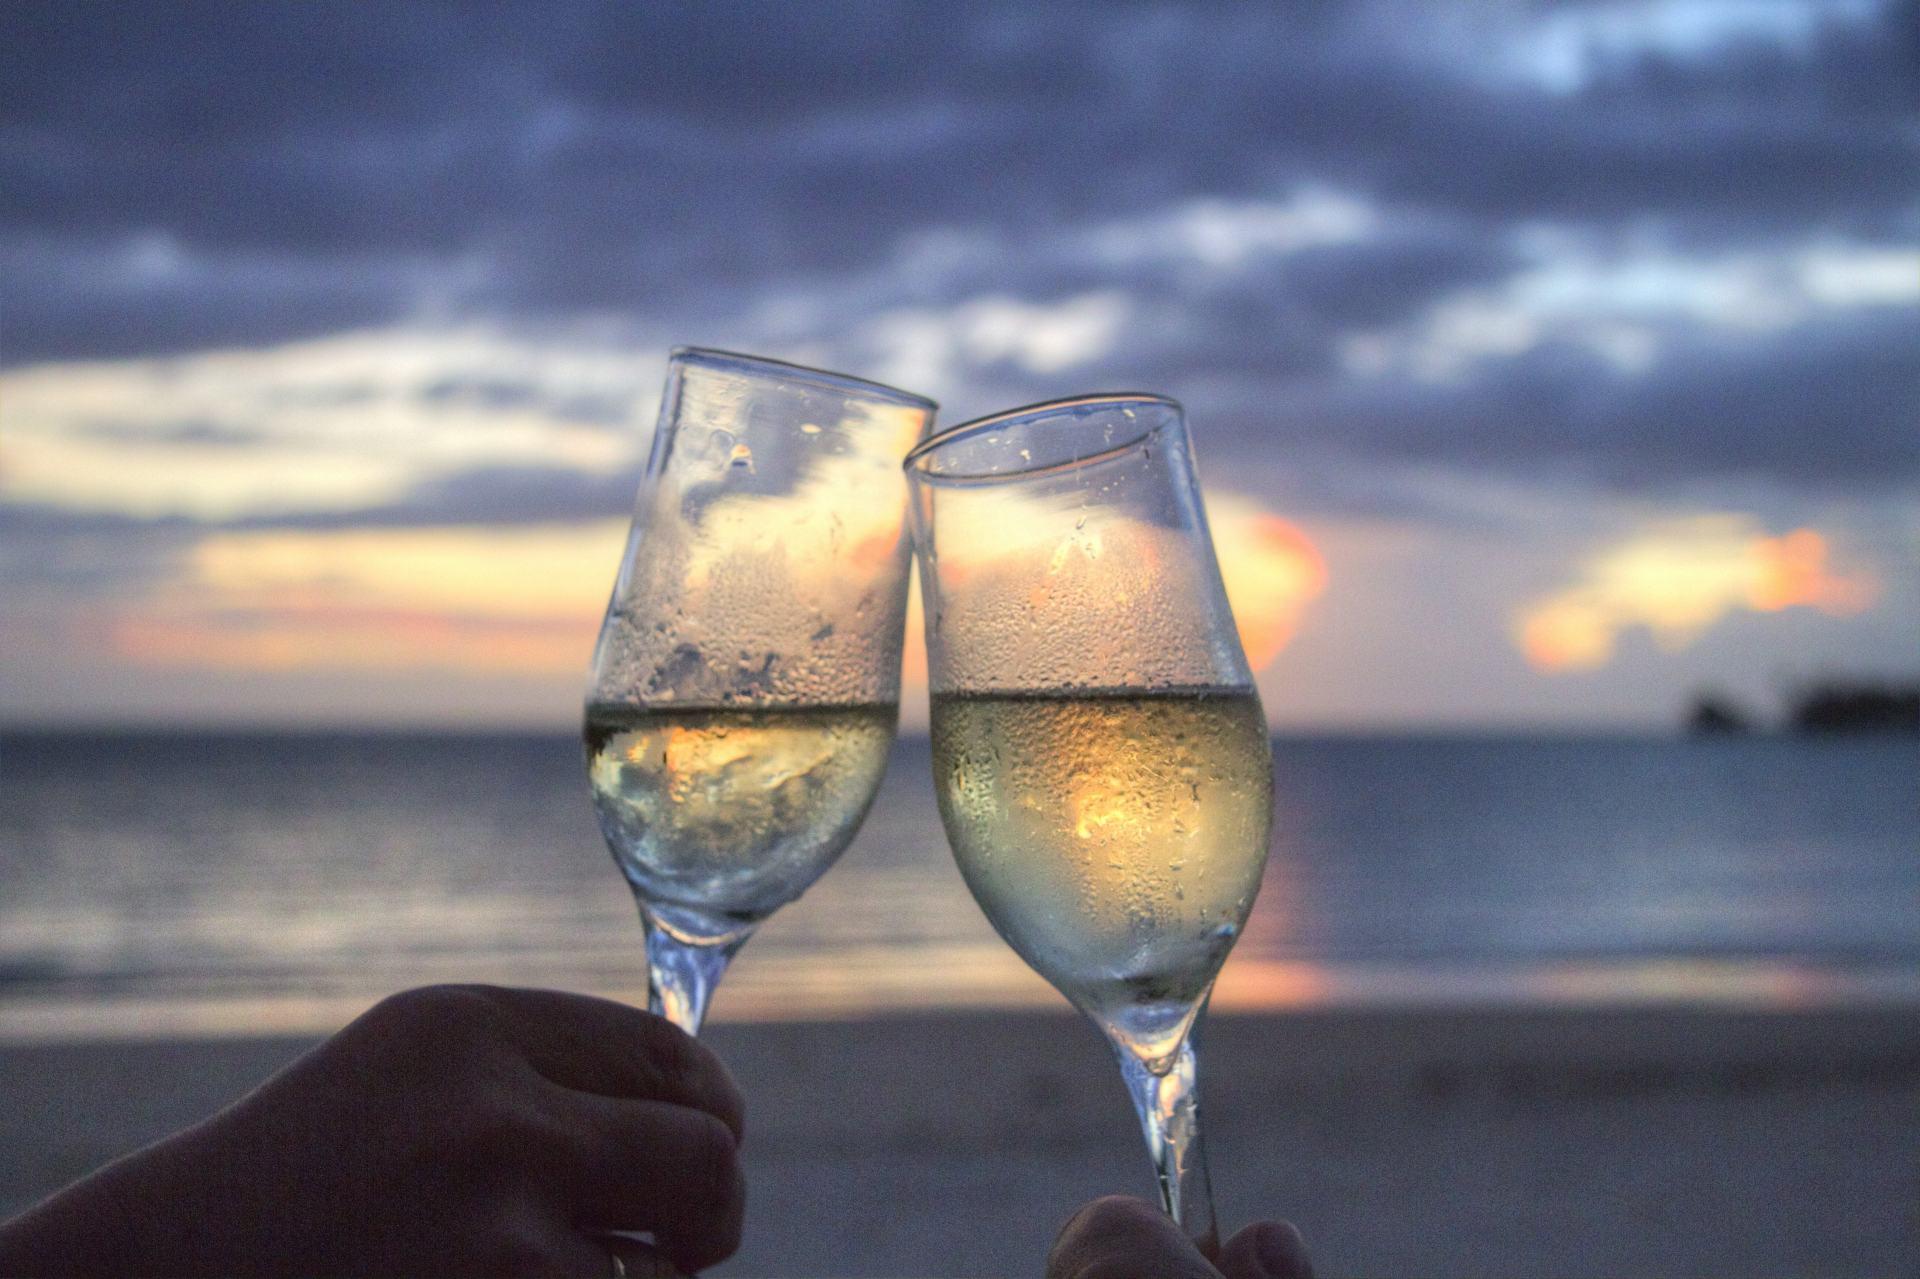 beach-champagne-cheerful-2145